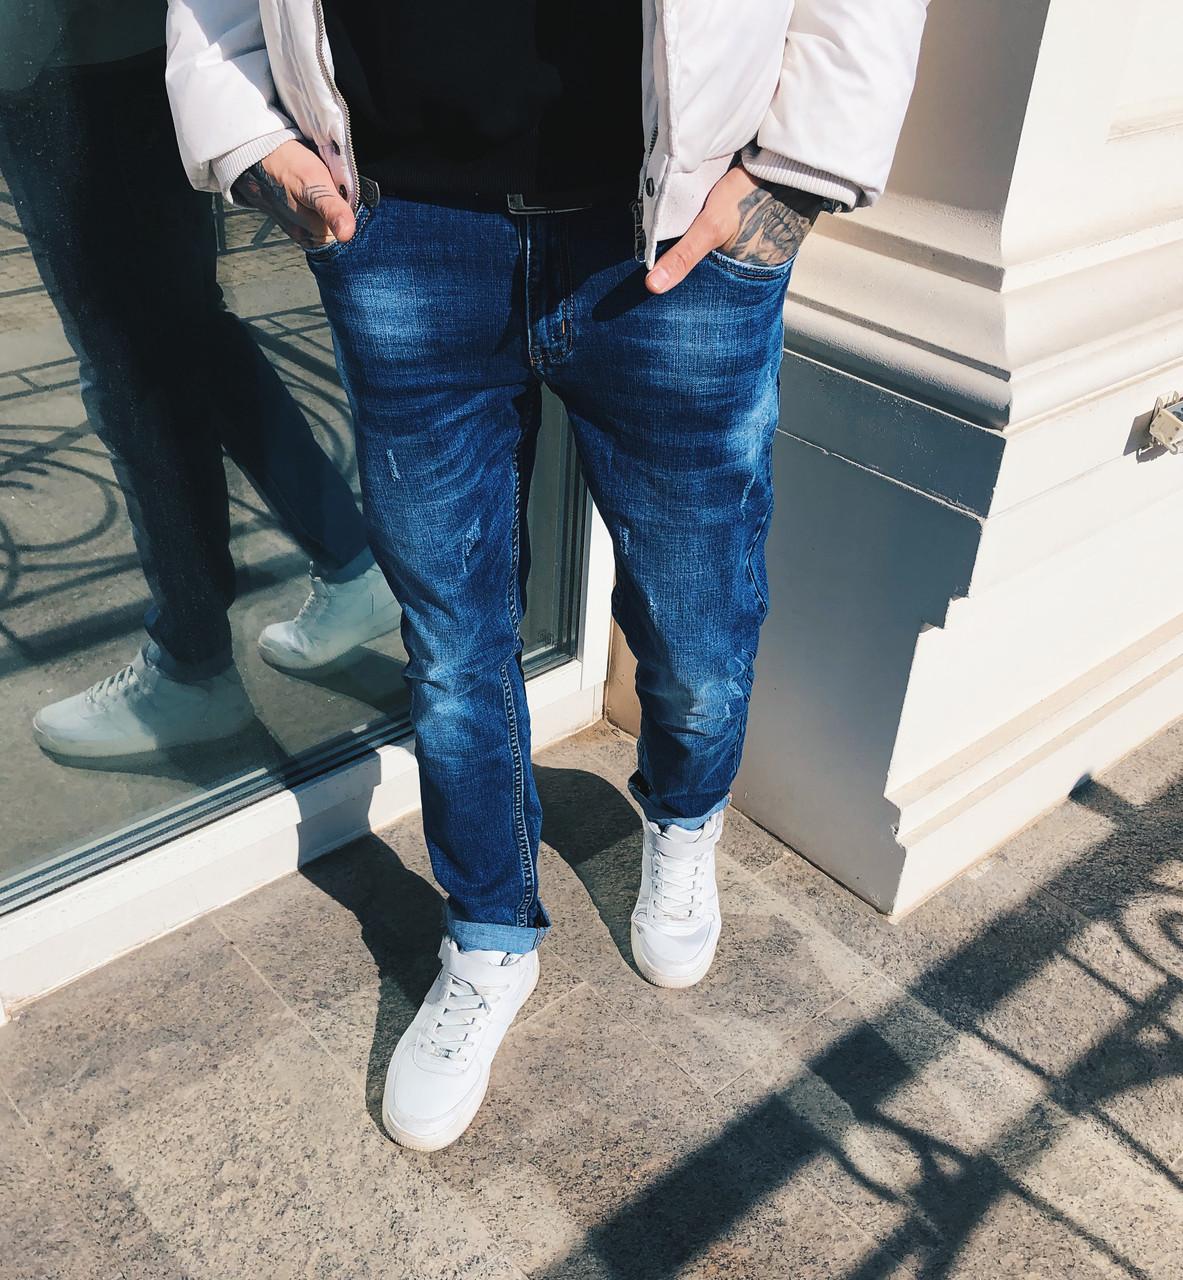 062a262786011 ... 8005 Resalsa джинсы мужские молодежные с царапками весенние стрейчевые  (27-33, ...